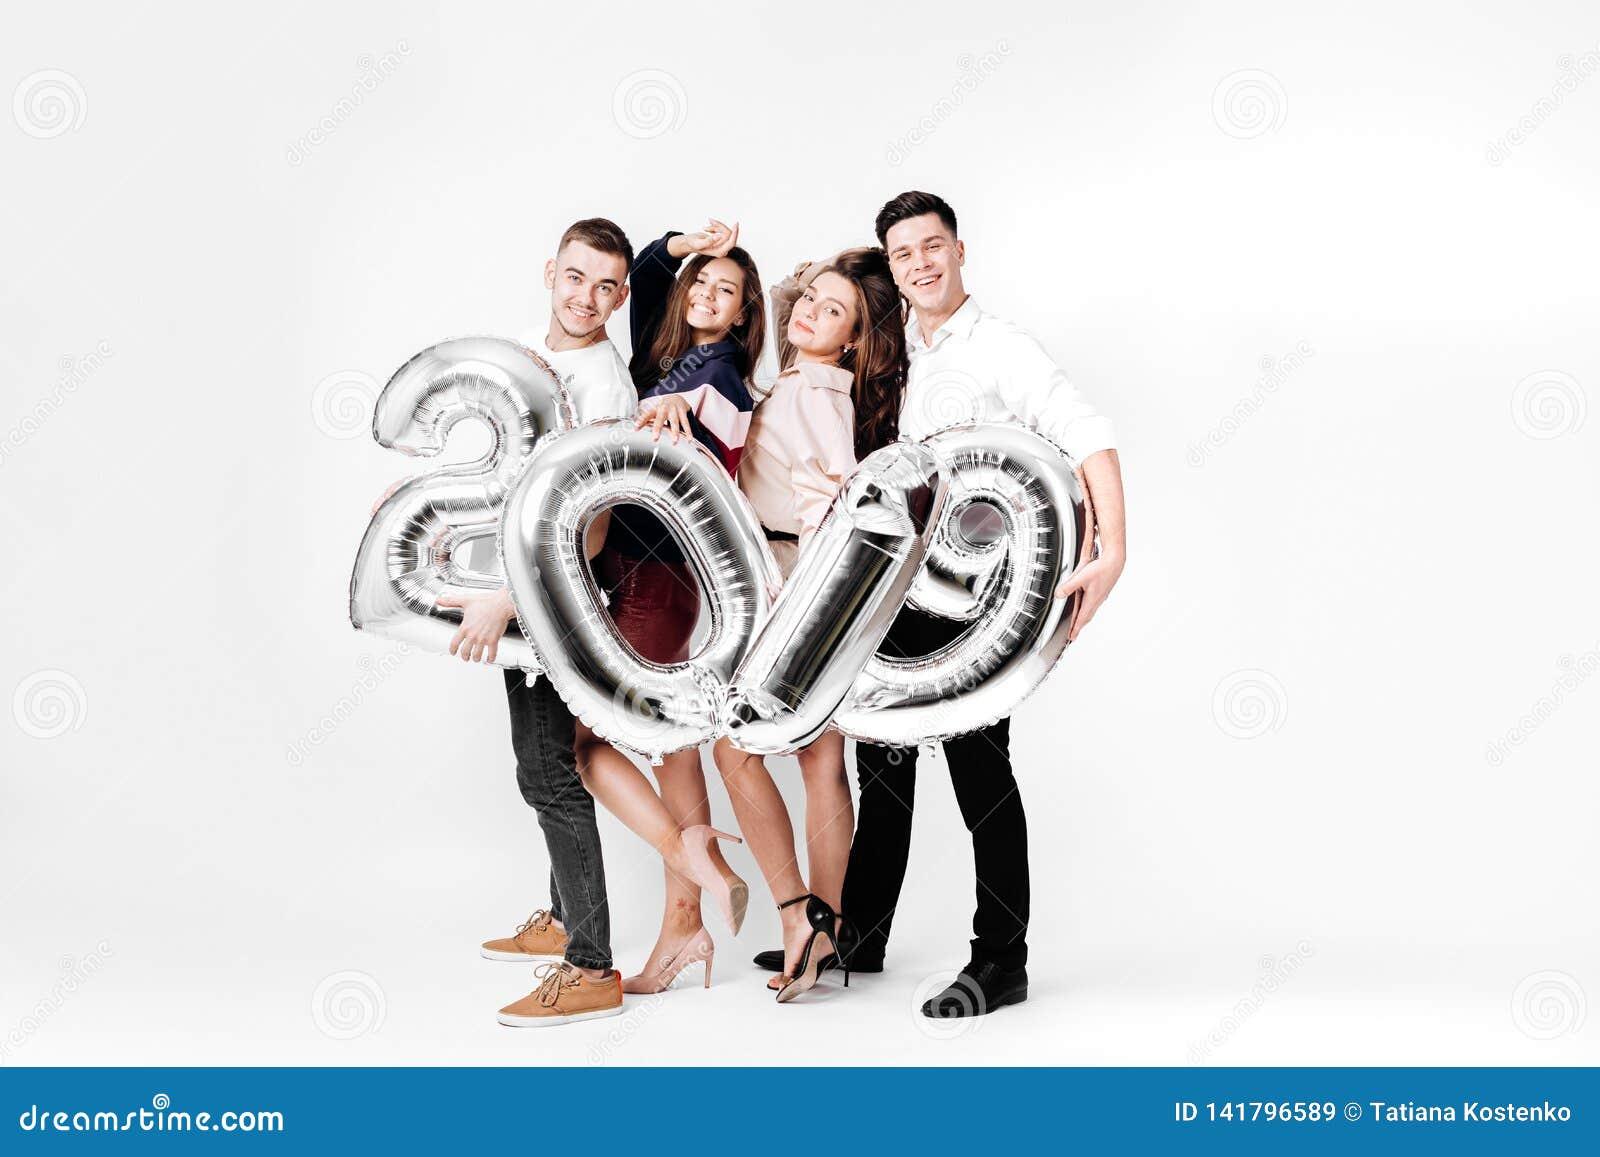 Gruppe nette Freunde von zwei Mädchen und zwei Kerle, die in der stilvollen Kleidung gekleidet werden, halten Ballone in Form